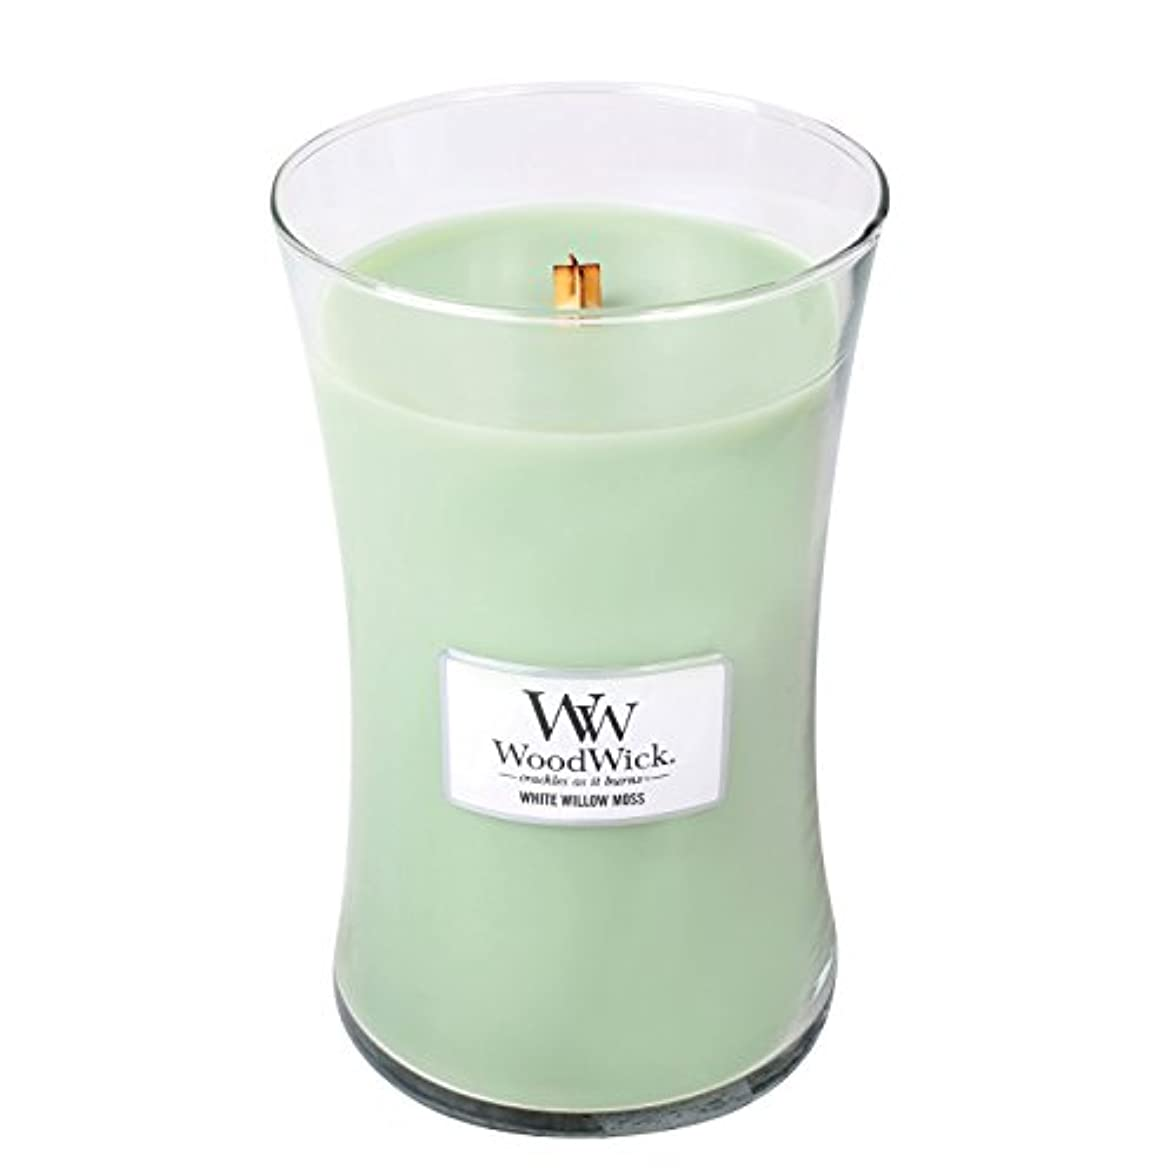 大佐センター望むWoodwickホワイトWillowモス、Highly Scented Candle、クラシック砂時計Jar , Large 7-inch、21.5 Oz